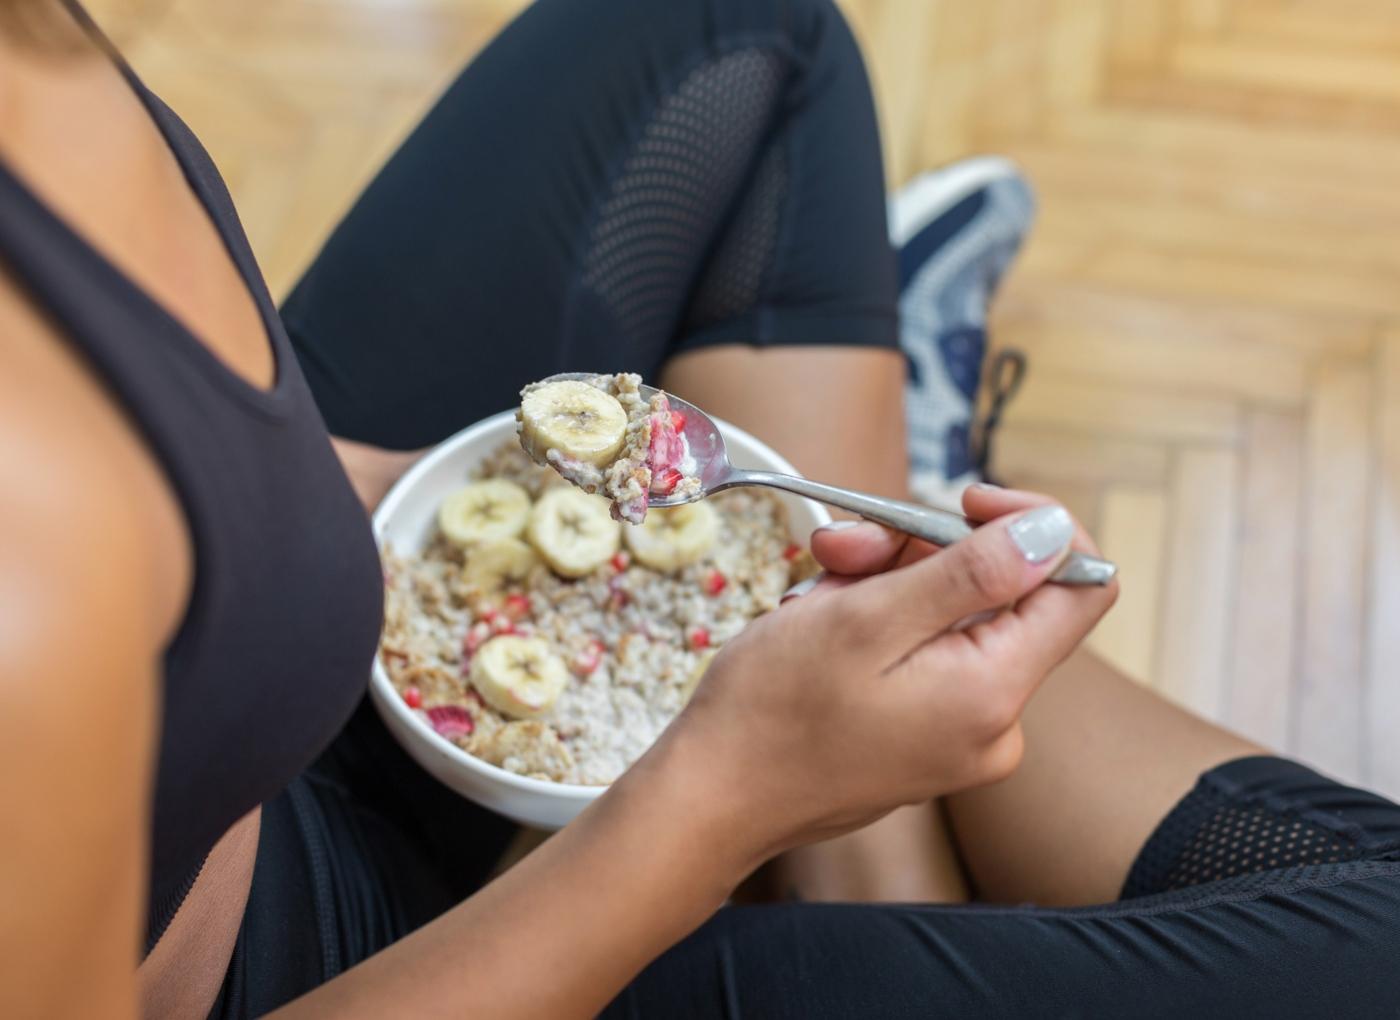 Mulher a comer fruta e cereais depois do treino